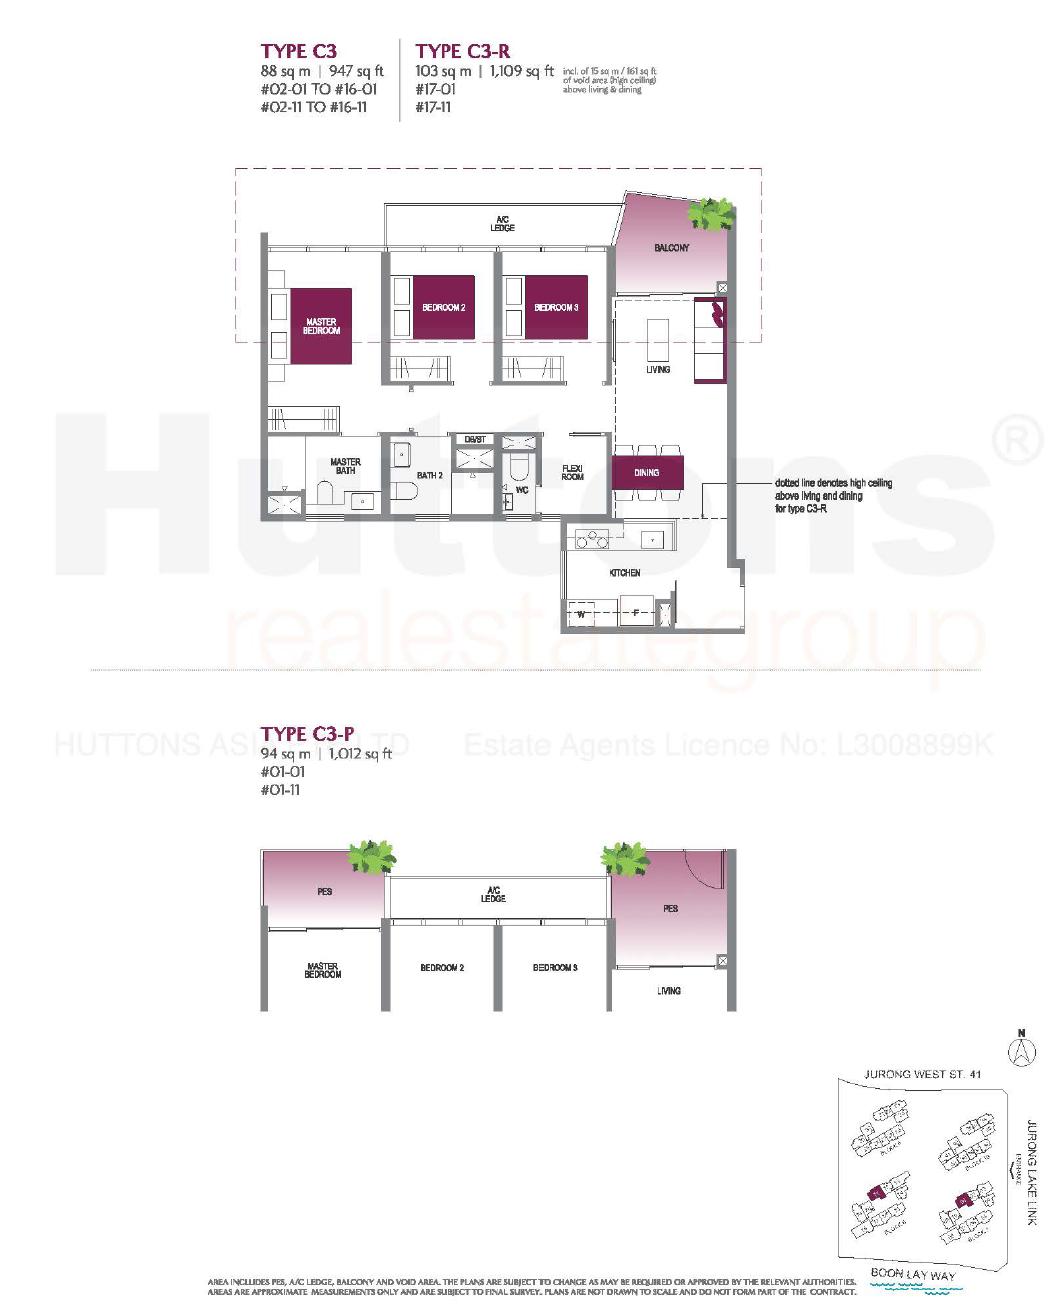 Lake Grande 3 bedroom Floor Plan type C3